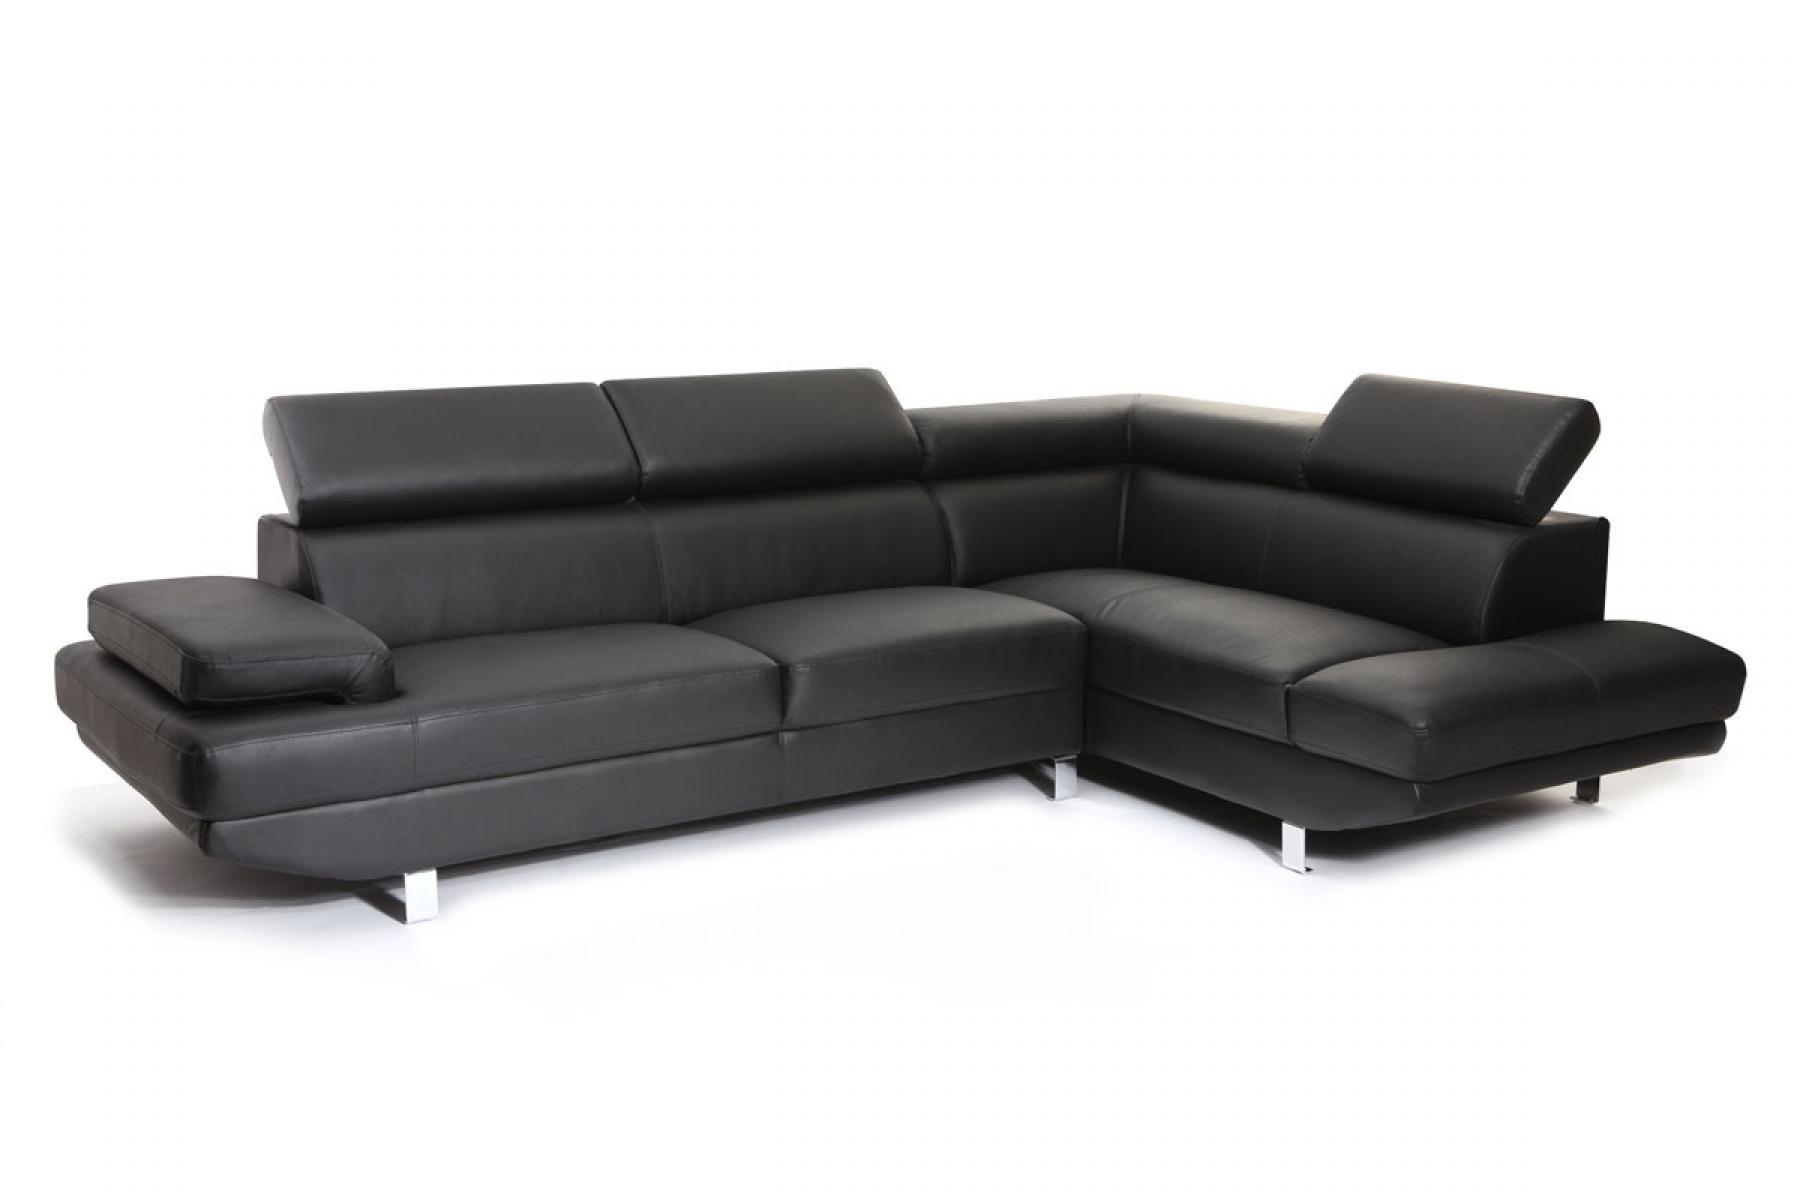 canape noir pas cher maison design. Black Bedroom Furniture Sets. Home Design Ideas